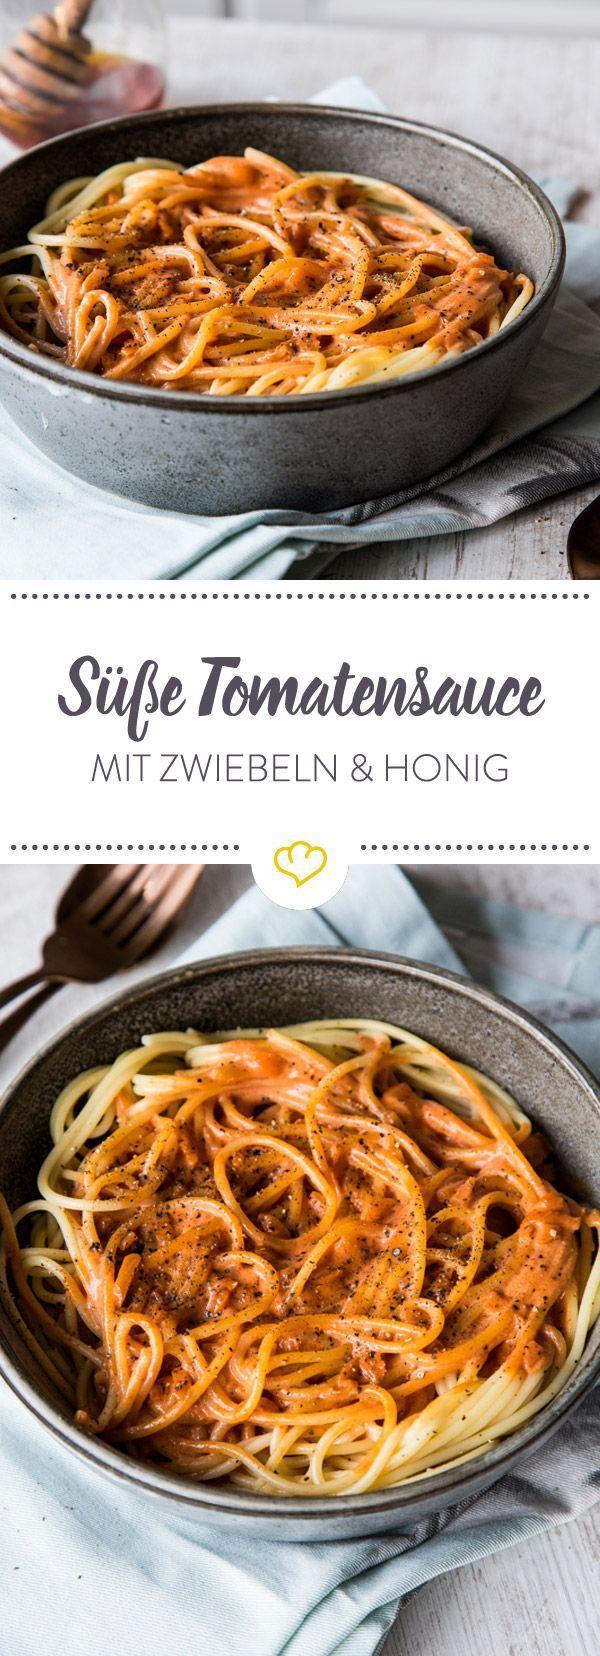 Tomaten-Honig-Sauce für süß-fruchtige Spaghettiliebhaber